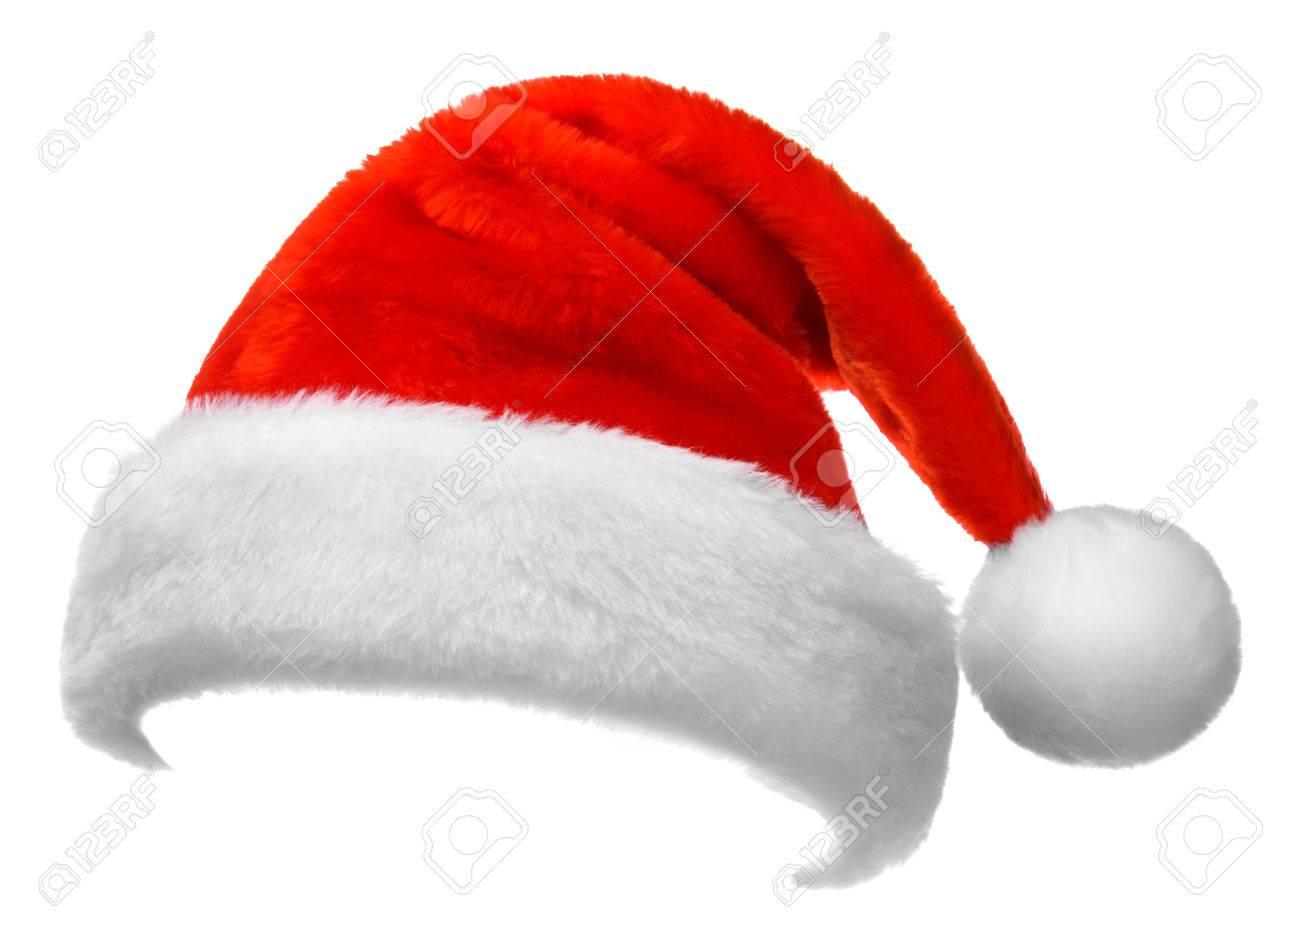 Santa hat isolated on white background - 48630721